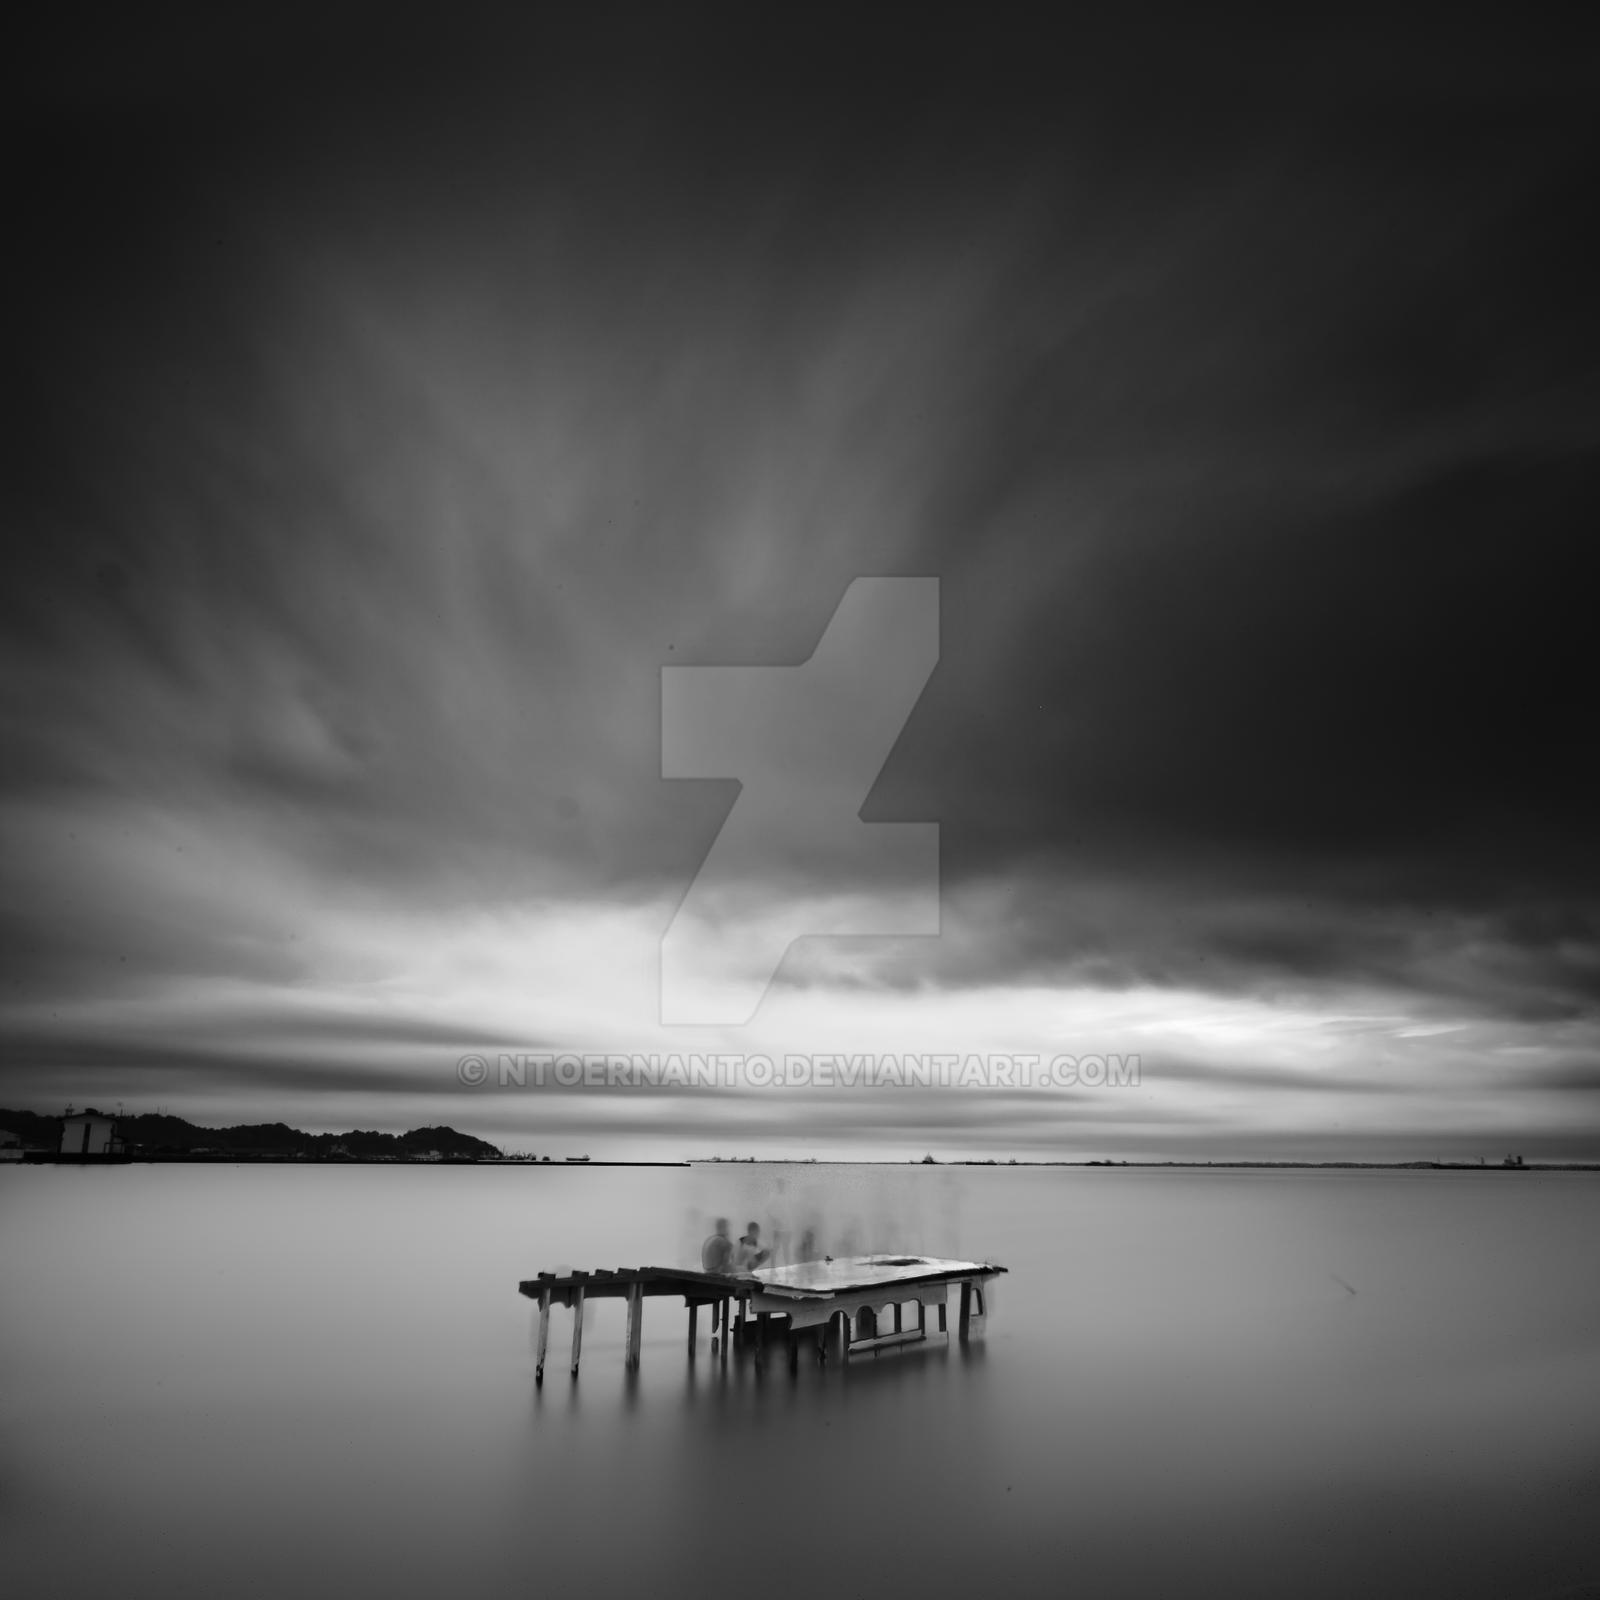 shipwreck by ntoernanto